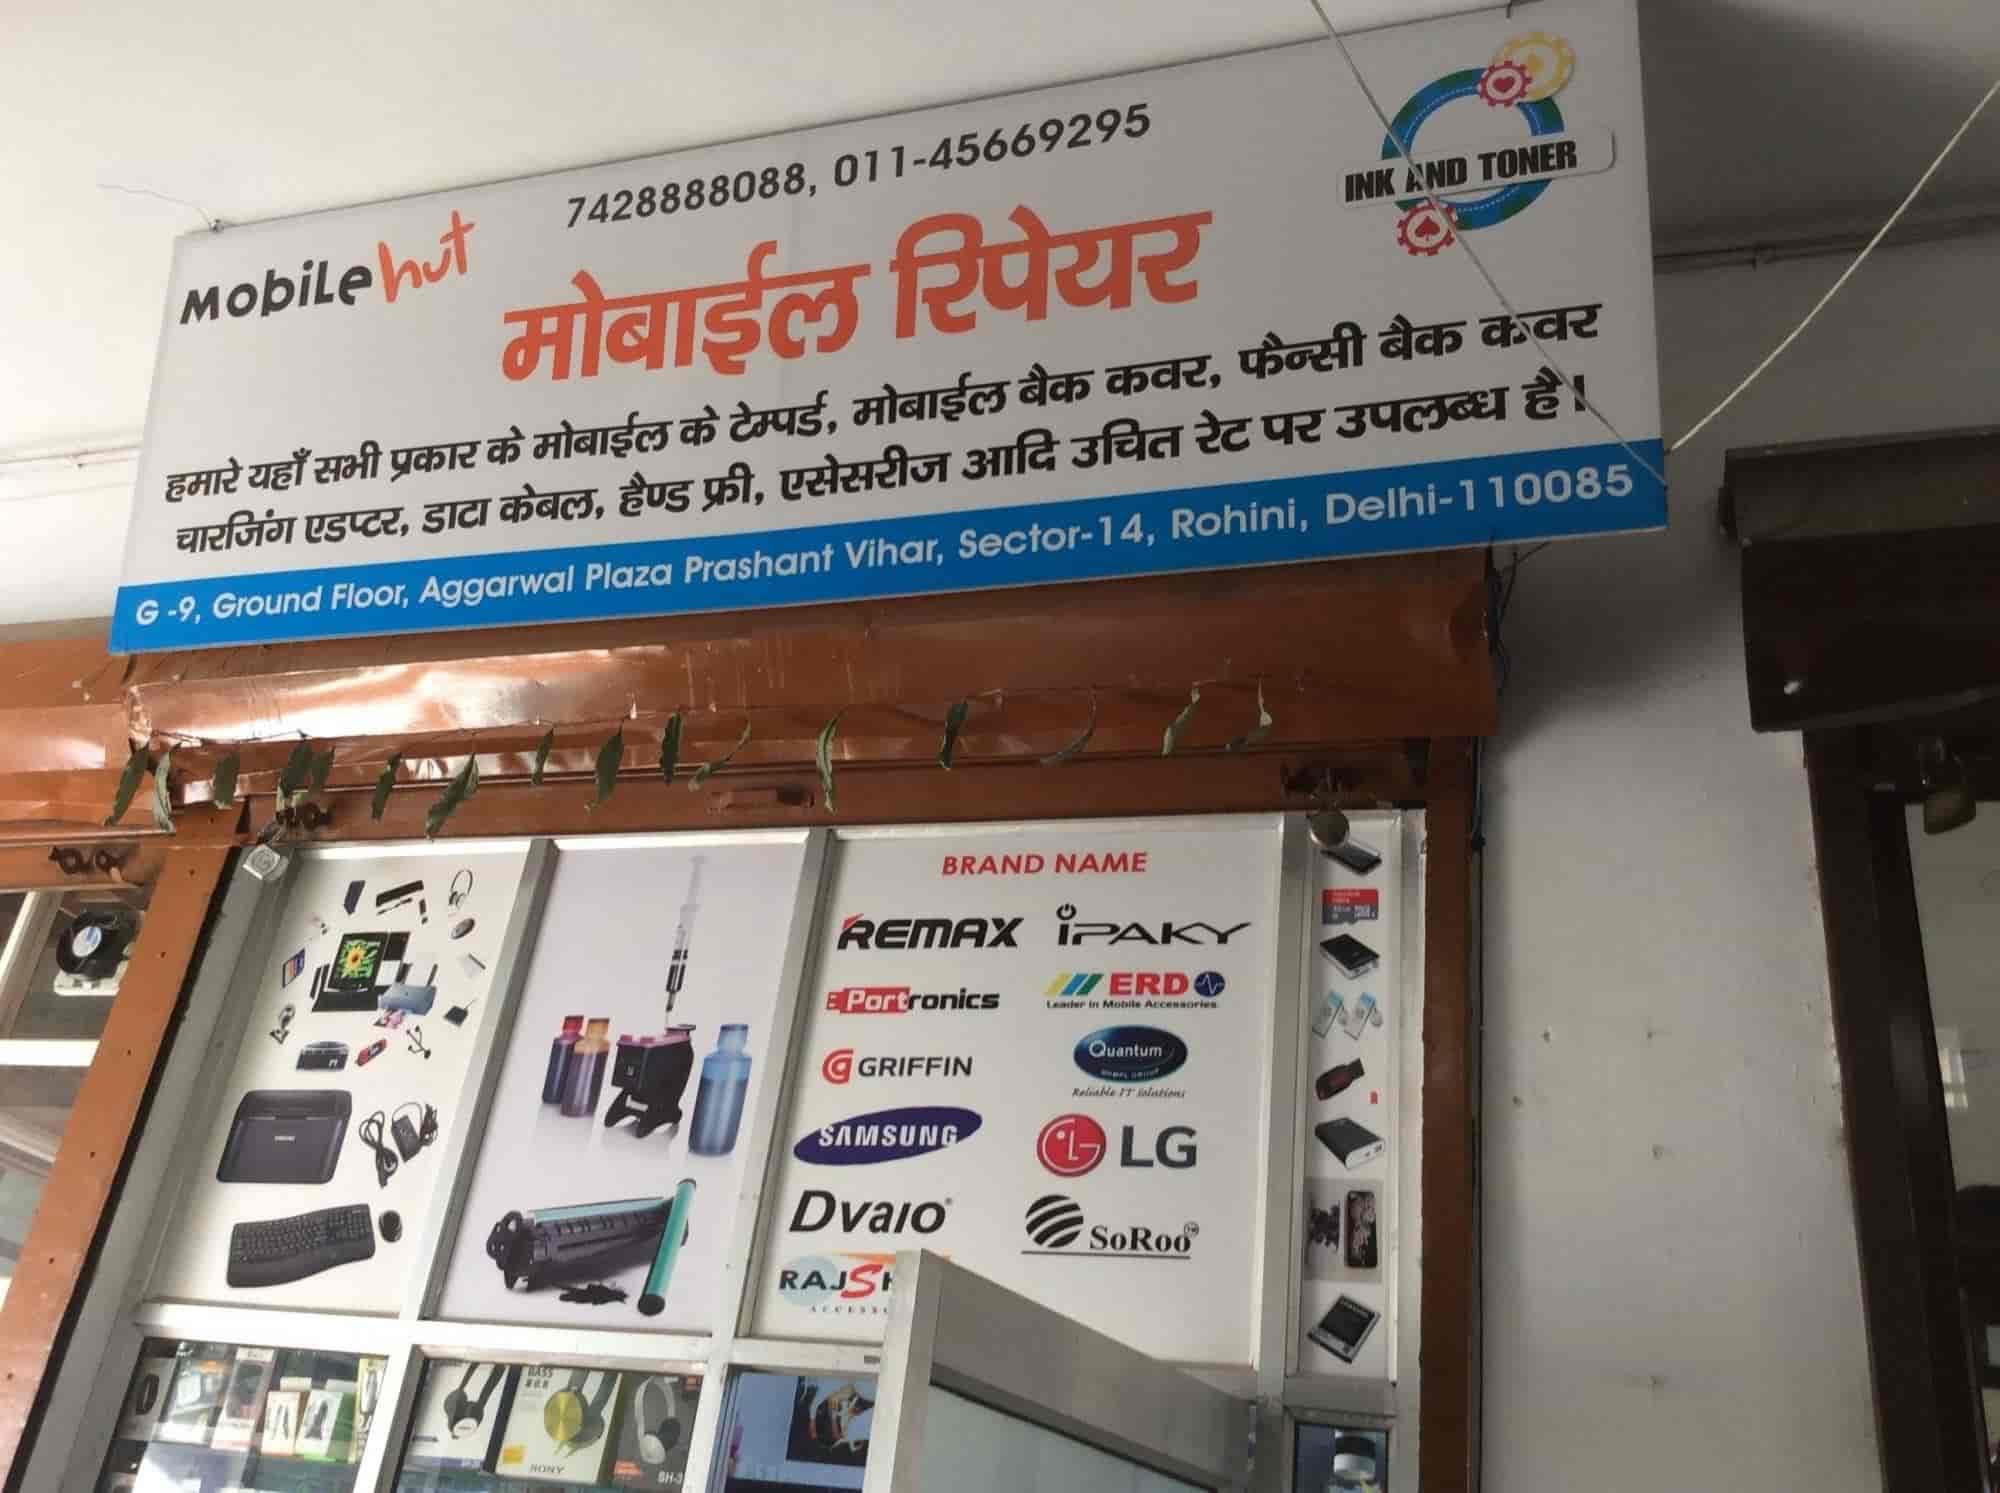 Mobile Hut, PRASHANT VIHAR - Mobile Phone Repair & Services